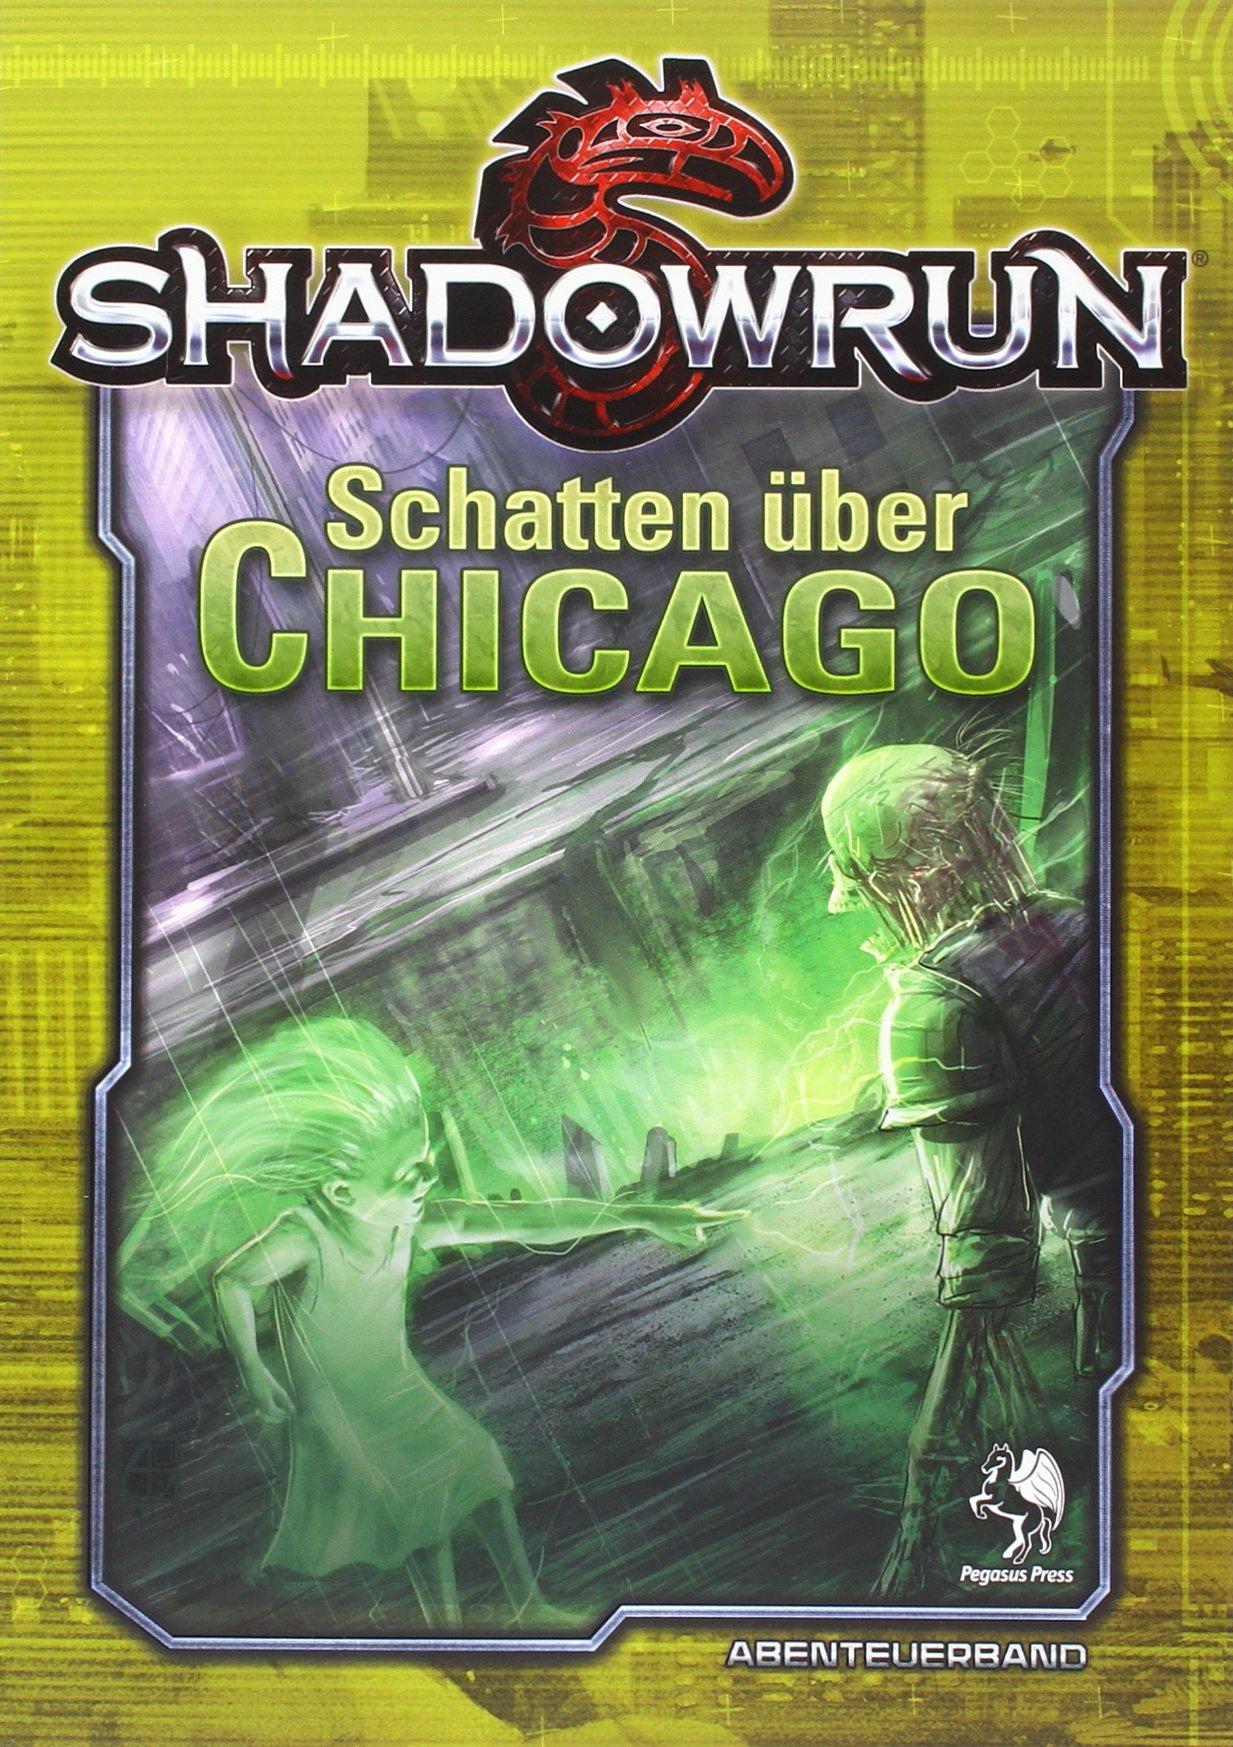 Shadowrun 5: Schatten über Chicago